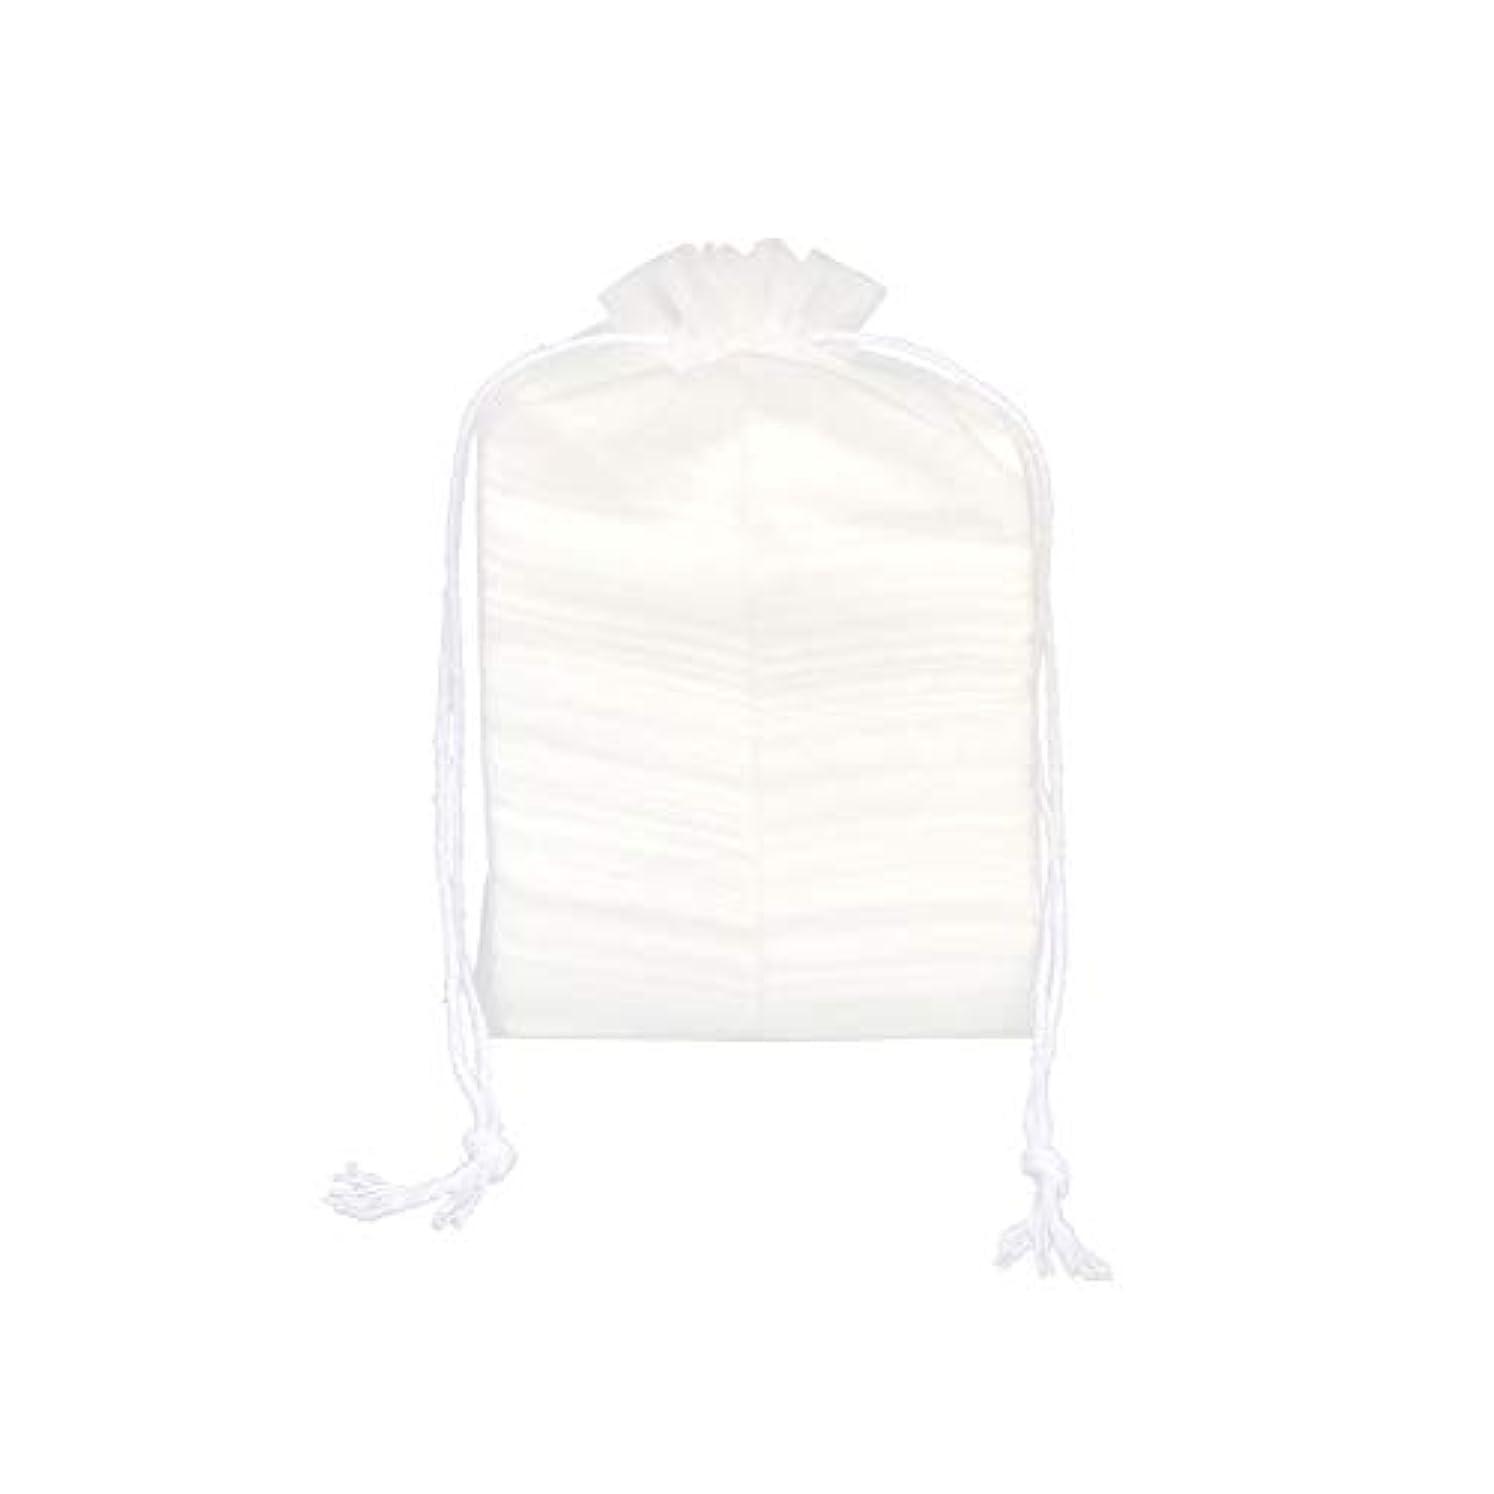 スポーツをする高い応じる200平方綿の品質の綿のシート除去ソフト節水柔らかい綿のメイクツール